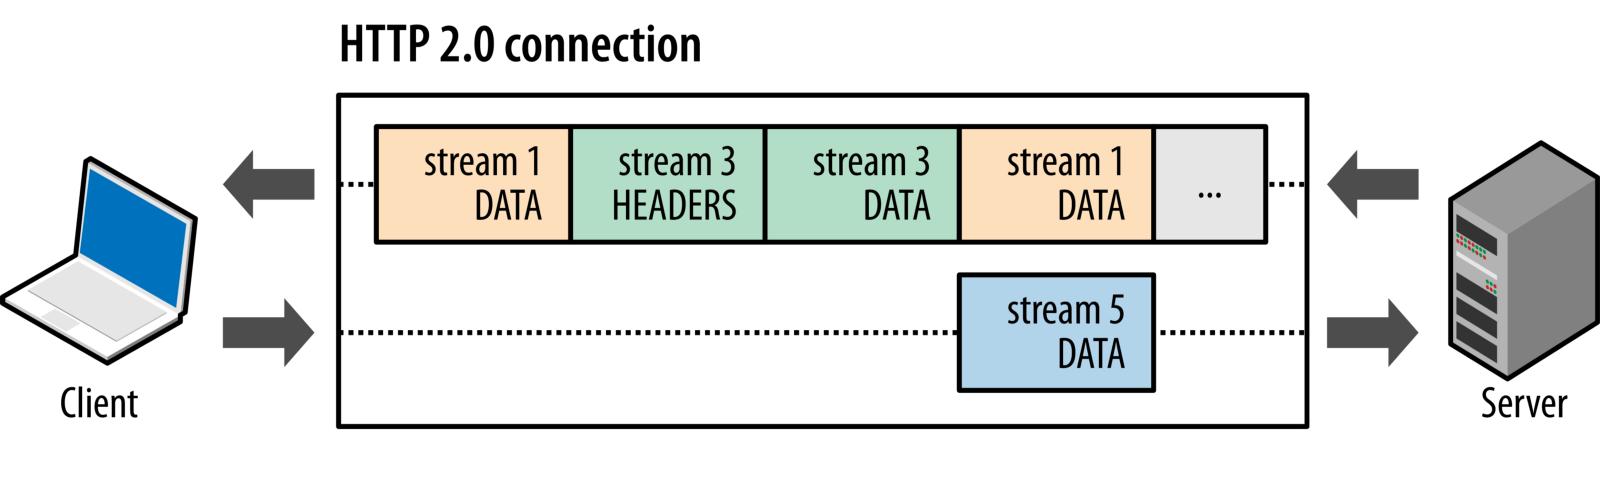 Full stack developer là gì? Bí kiếp để trở thành 1 fullstack developer